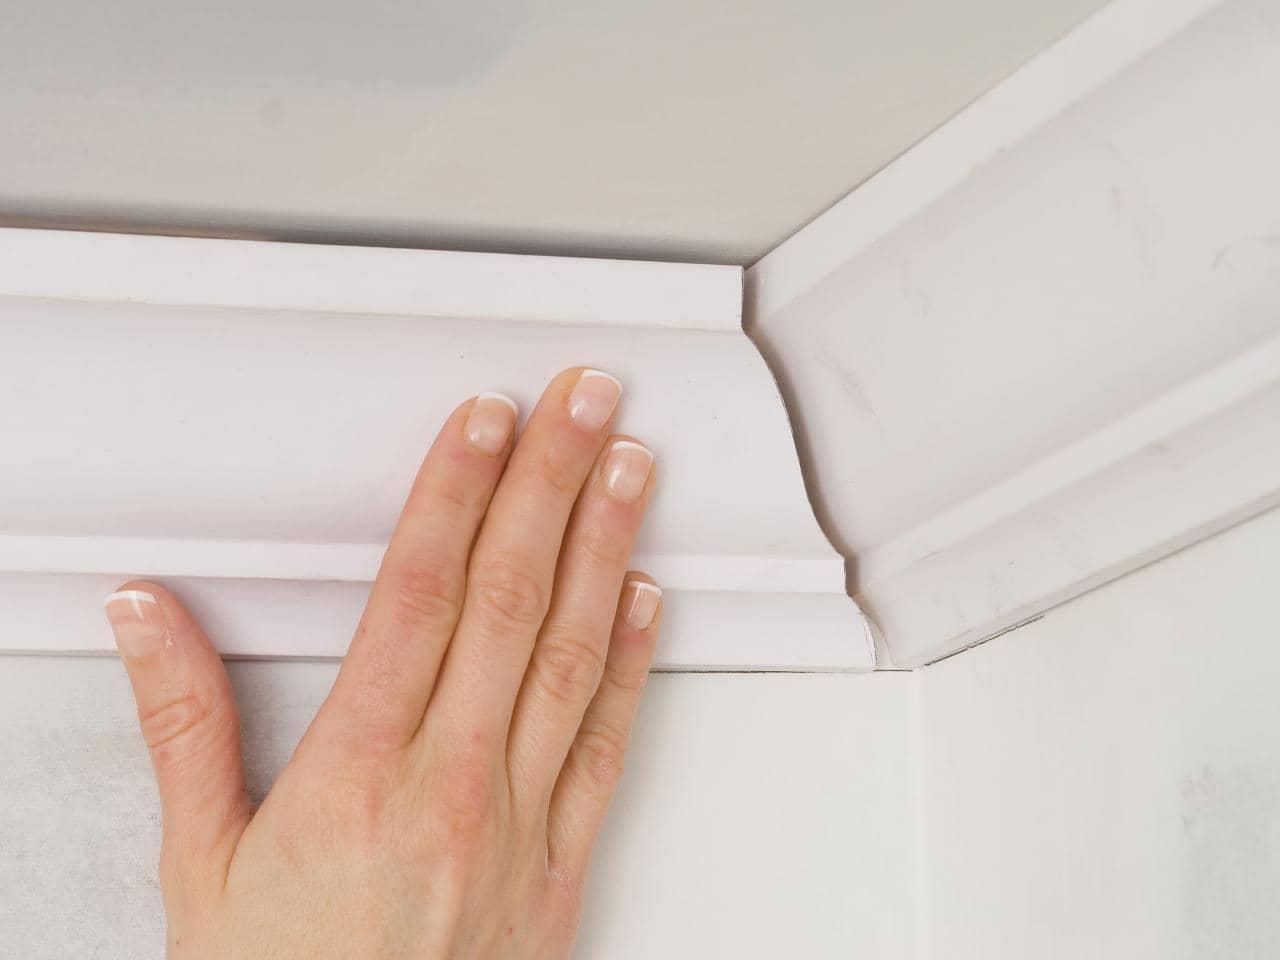 Как приклеить плинтус к натяжному потолку идеально?